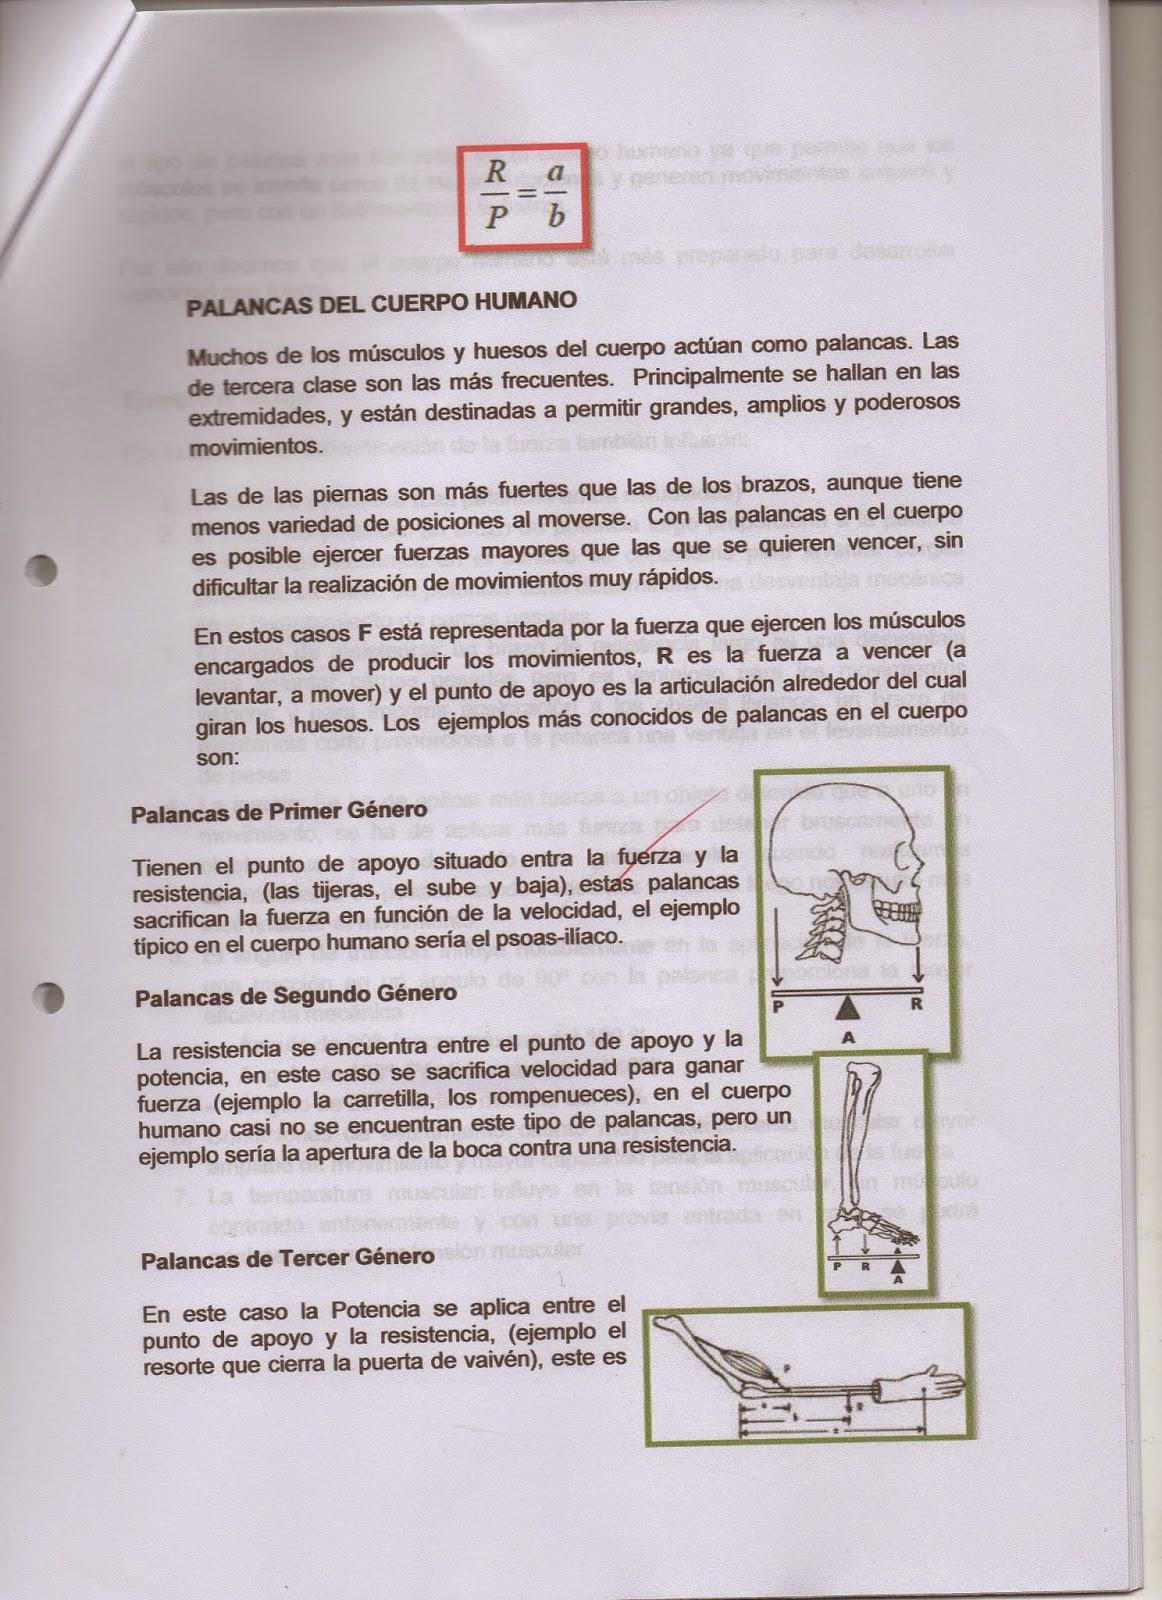 CAMINO DEL ESTUDIANTE DE MEDICINA : PRÁCTICA DE BIOFÍSICA: PALANCAS ...